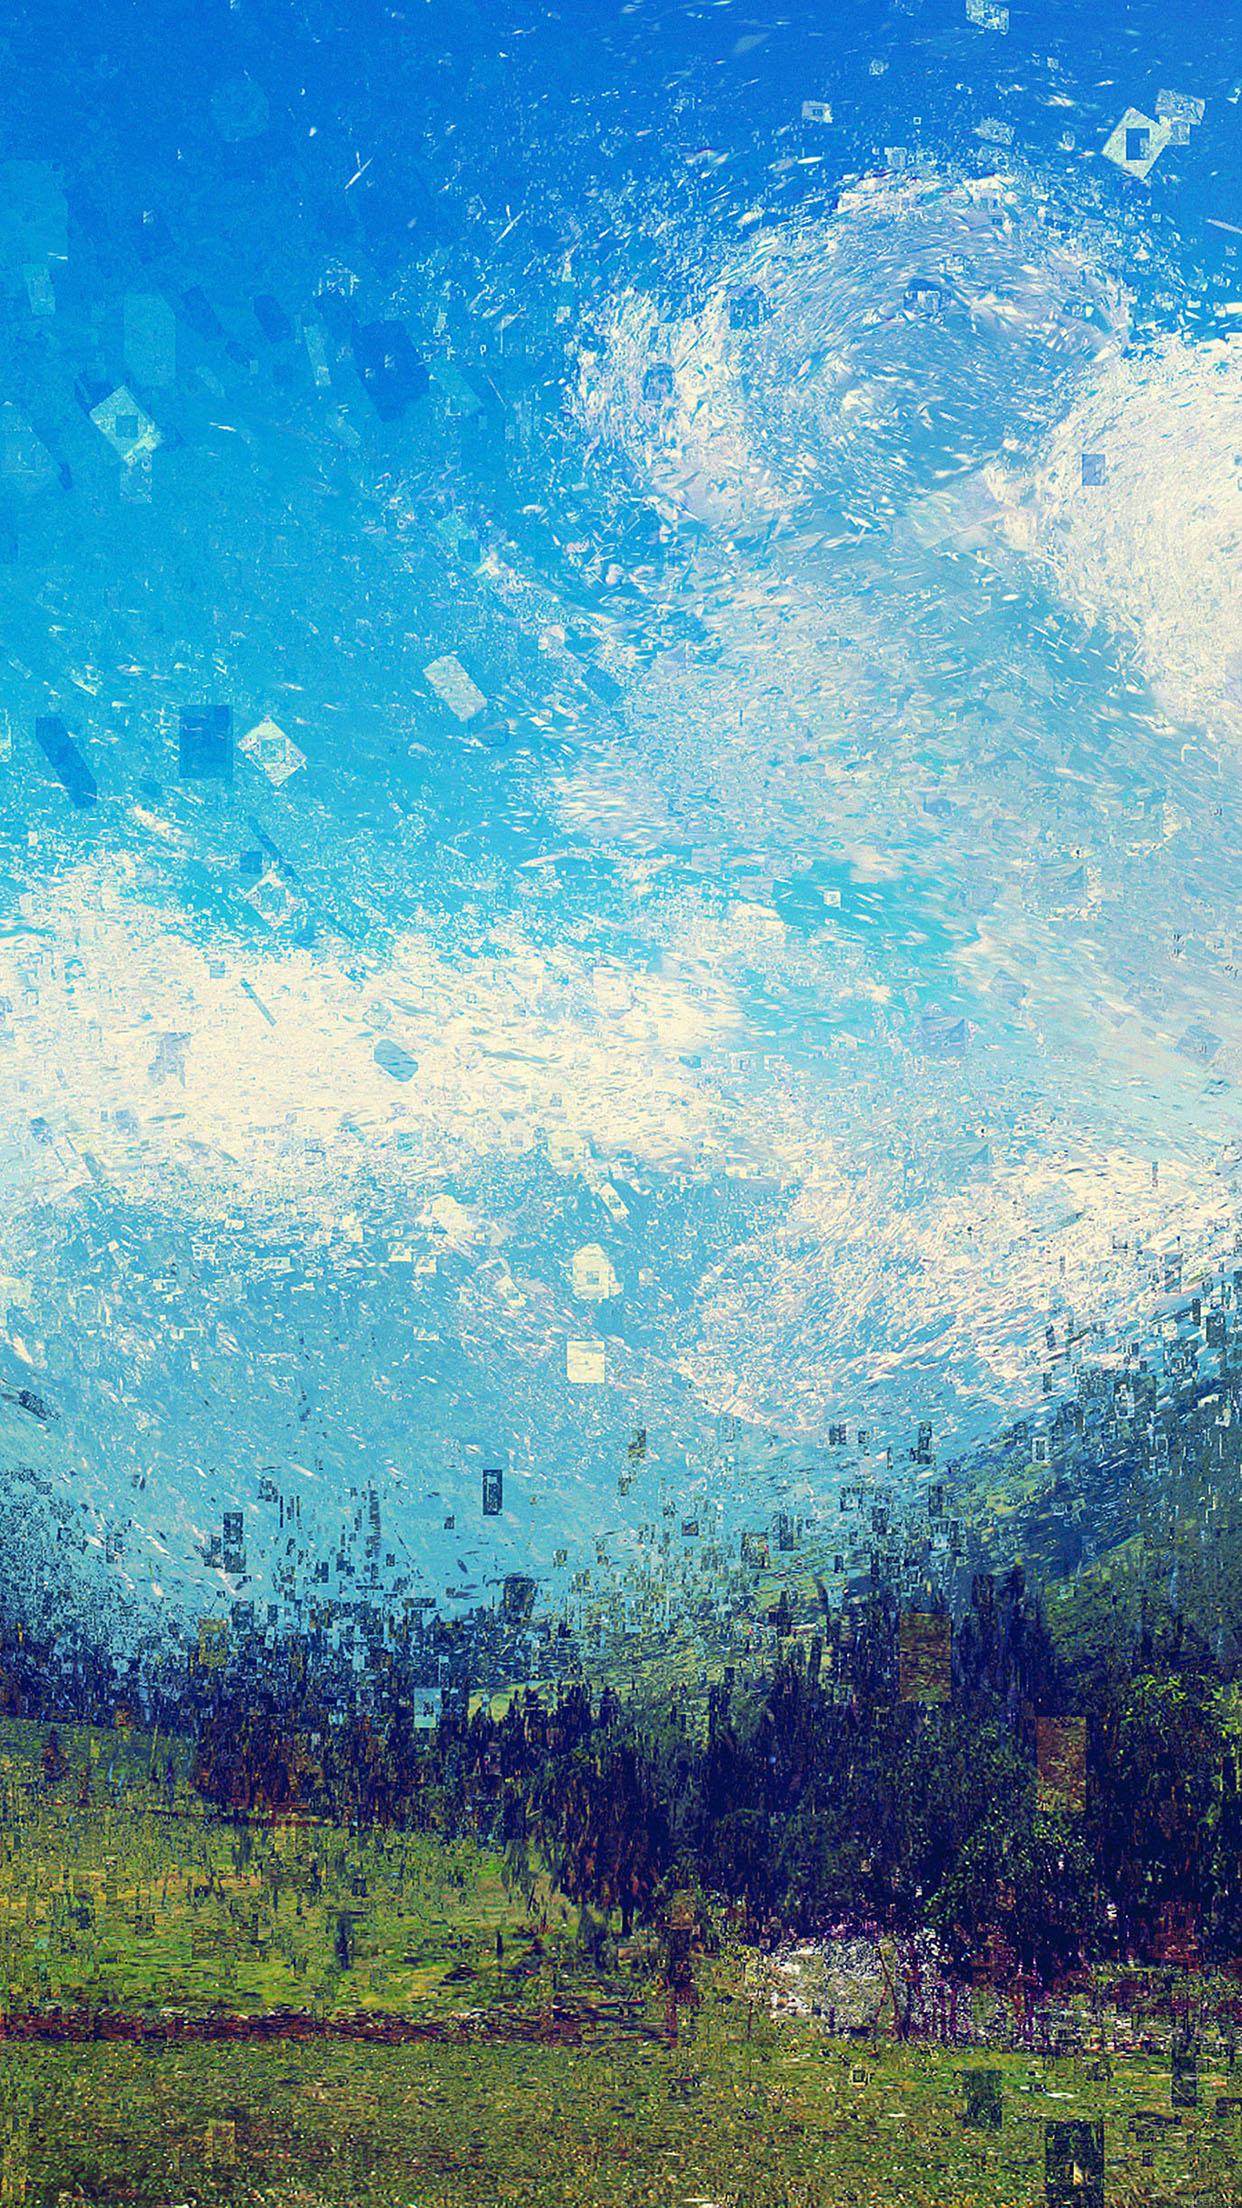 Iphone 7 Wallpaper Default Ac42 Wallpaper April Love Paint Art Papers Co